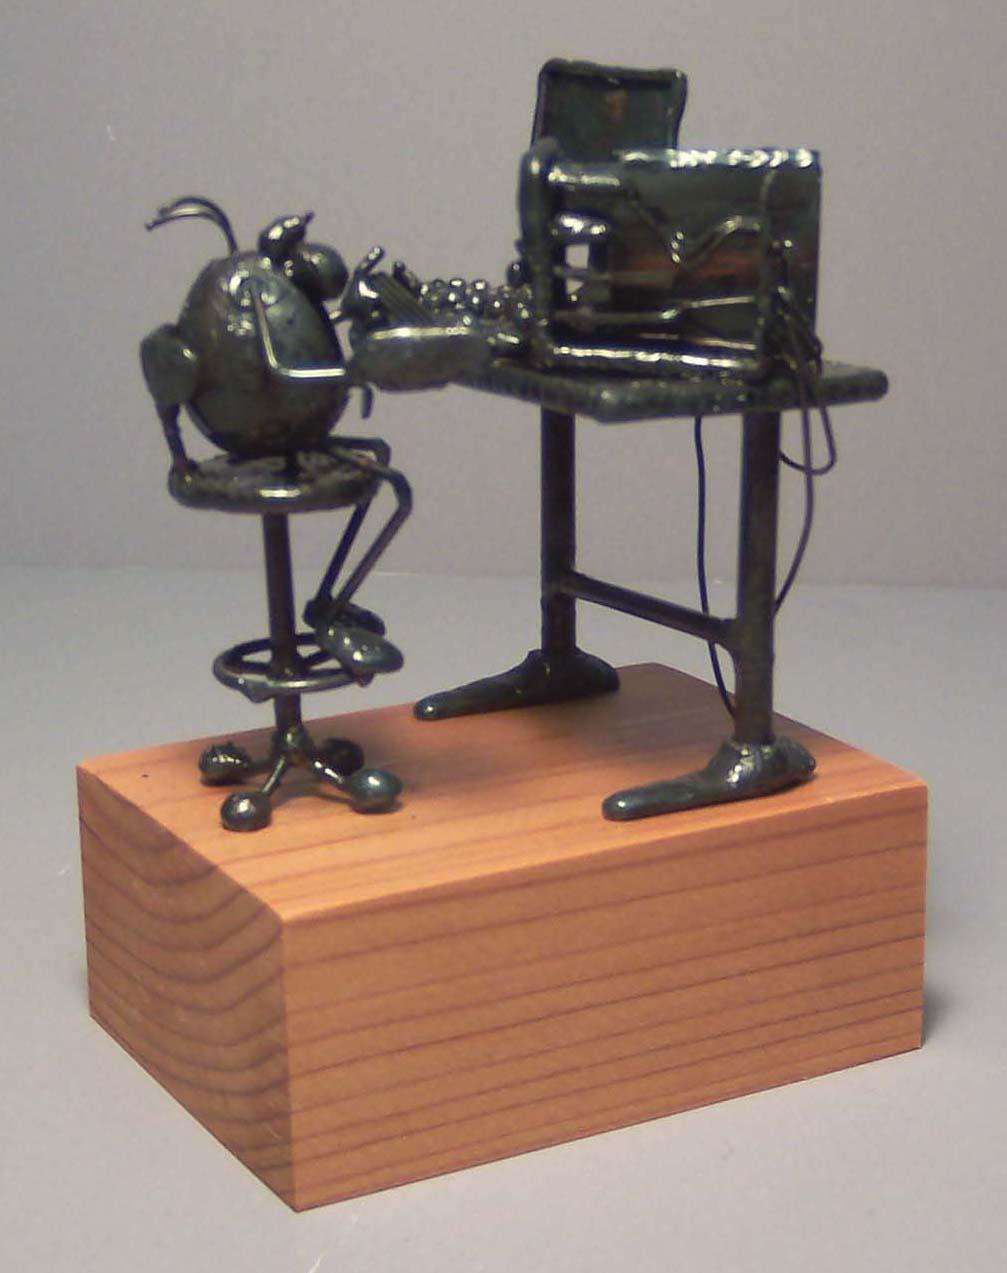 Computer, repair